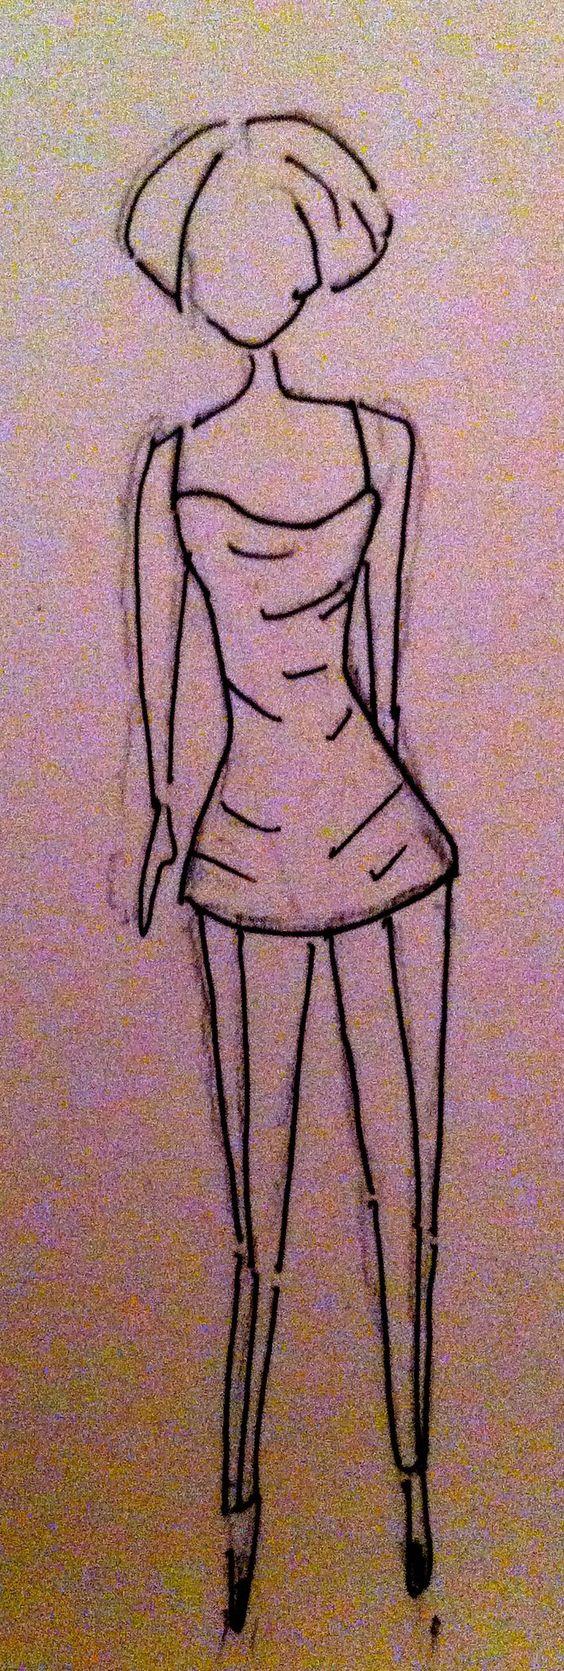 Ideal para chicas con curvas, es decir, con cadera y algo culonas : )